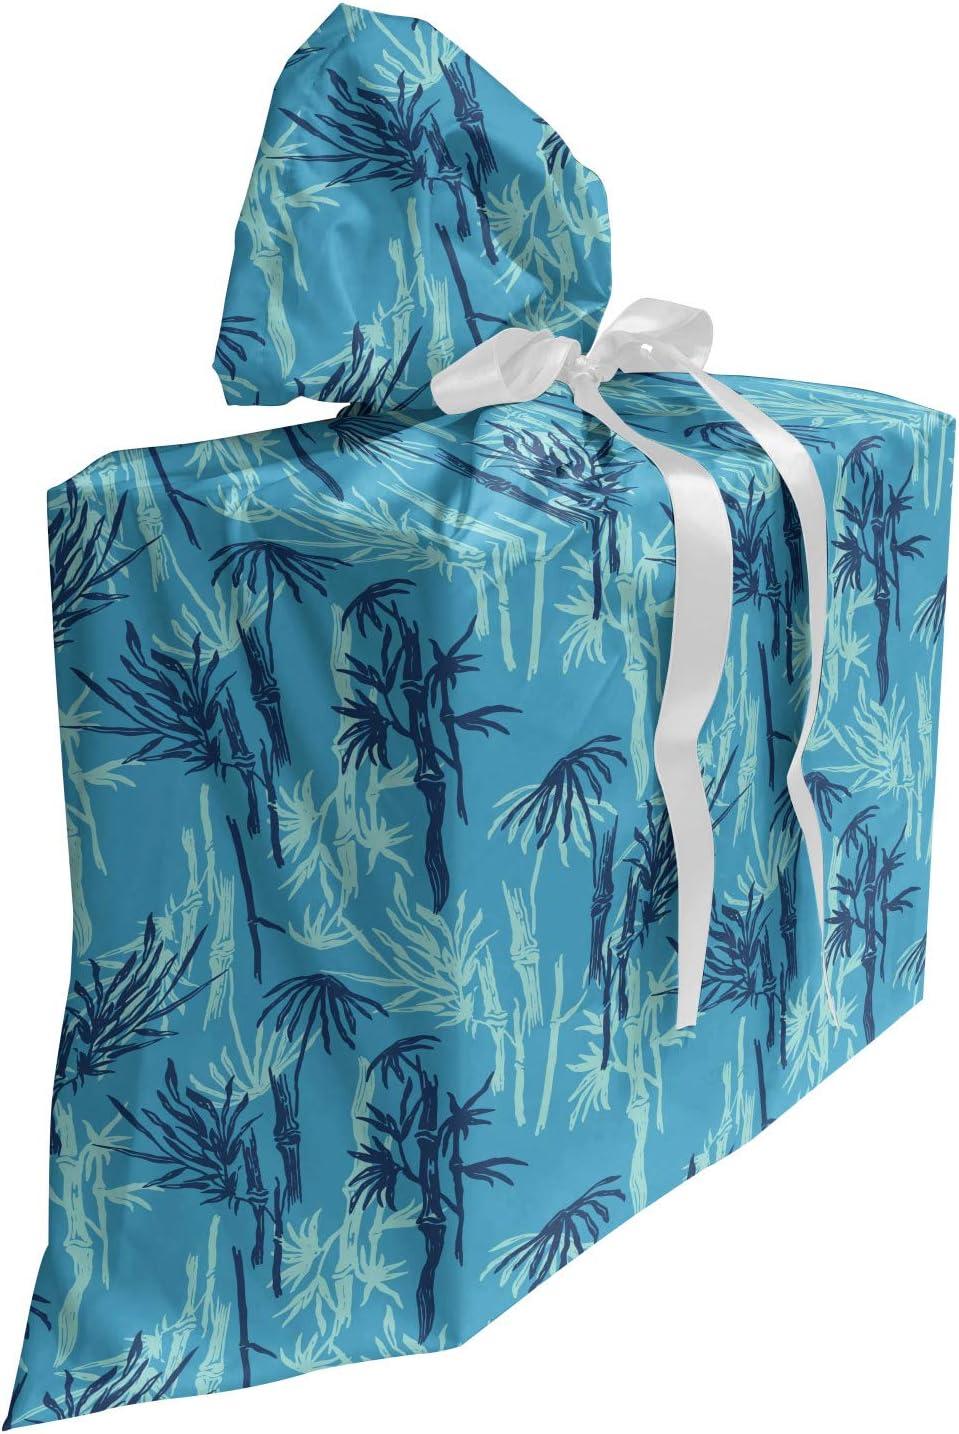 ABAKUHAUS plantas Bolsa de Regalo para Baby Shower, Patrón exótica Rama de bambú, Tela Estampada con 3 Moños Reutilizable, 70 cm x 80 cm, Cielo azul y Seafoam